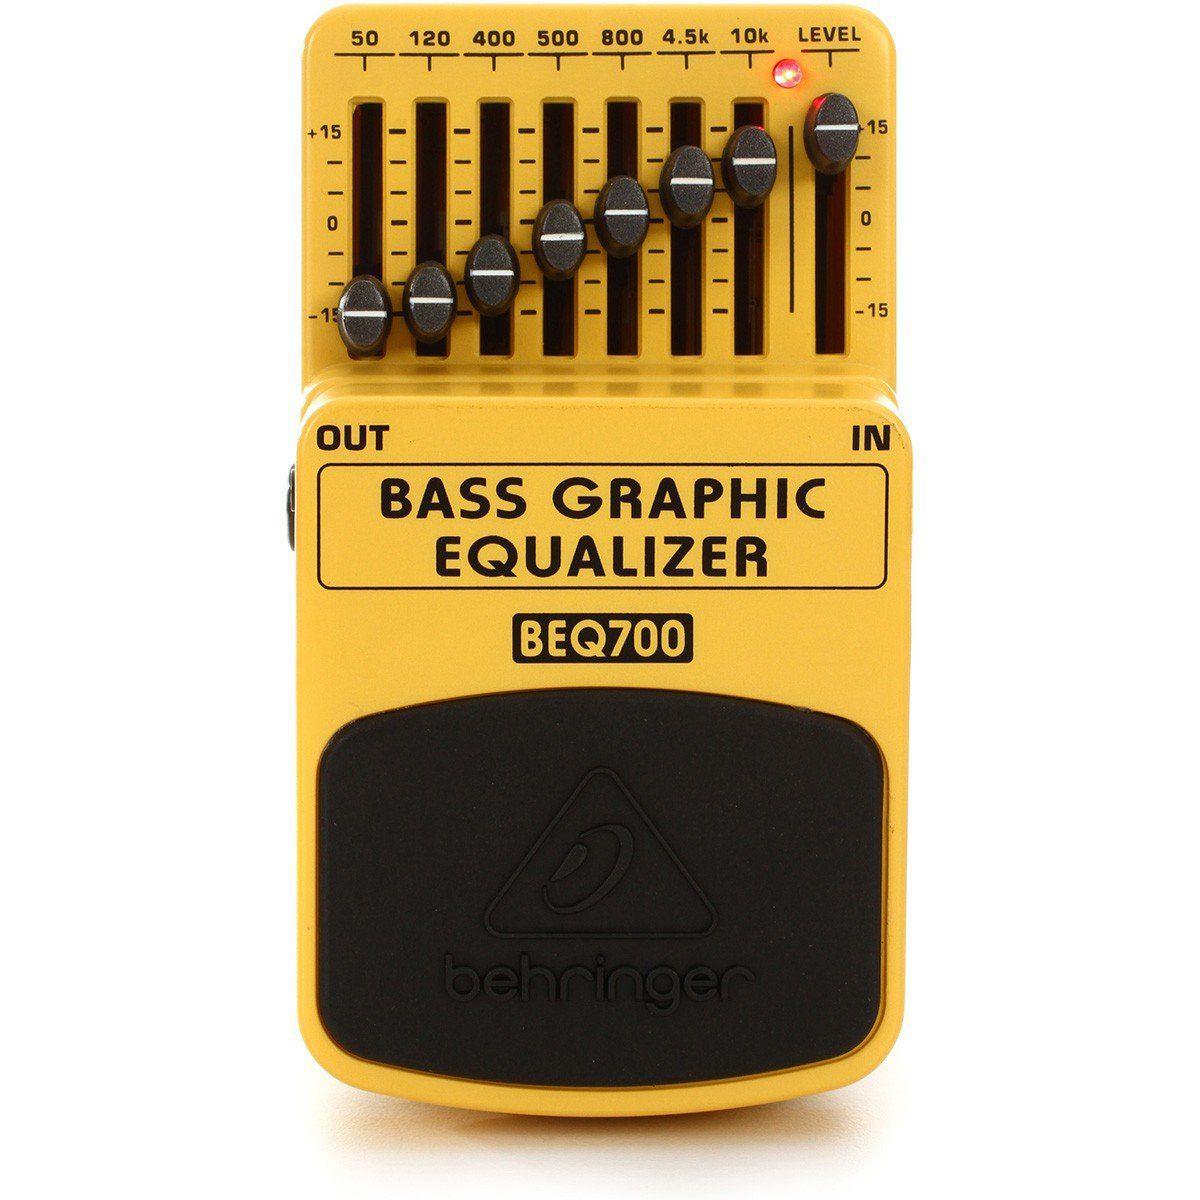 Behringer BEQ700 Bass Graphic Equalizer Pedal para Contrabaixo com Equalizador